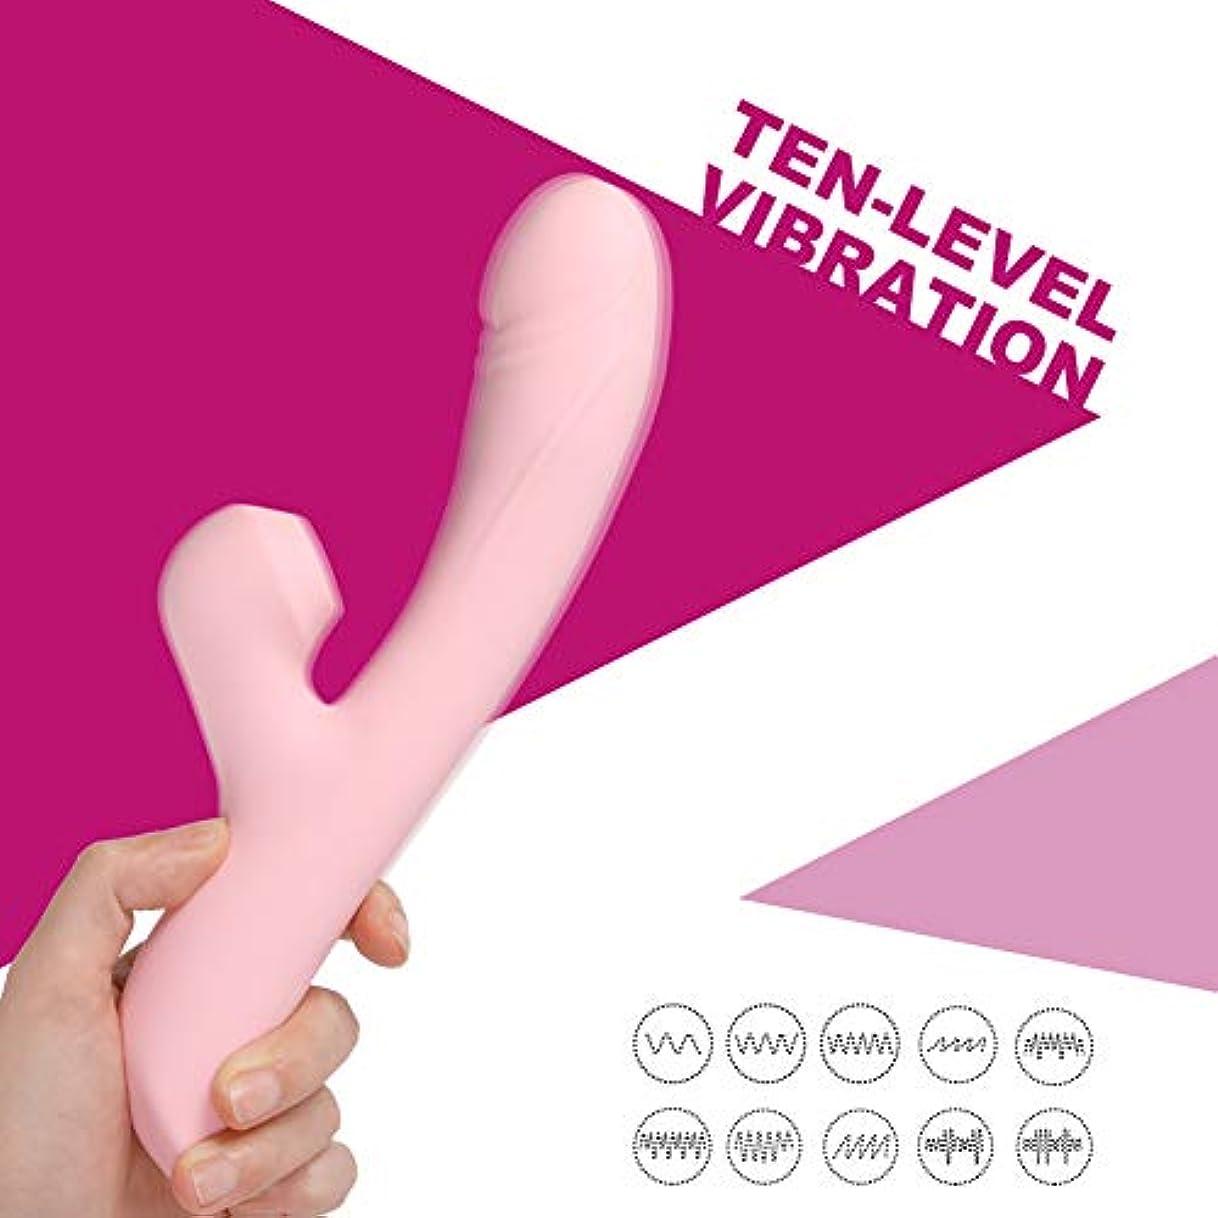 アドバンテージブラウザ論理的クラランス ボディ 人気 バイブレーター 加熱機能 潮吹き 女性 Gスポット 女性マッサージ器 アダルトグッズ (ピンク色)